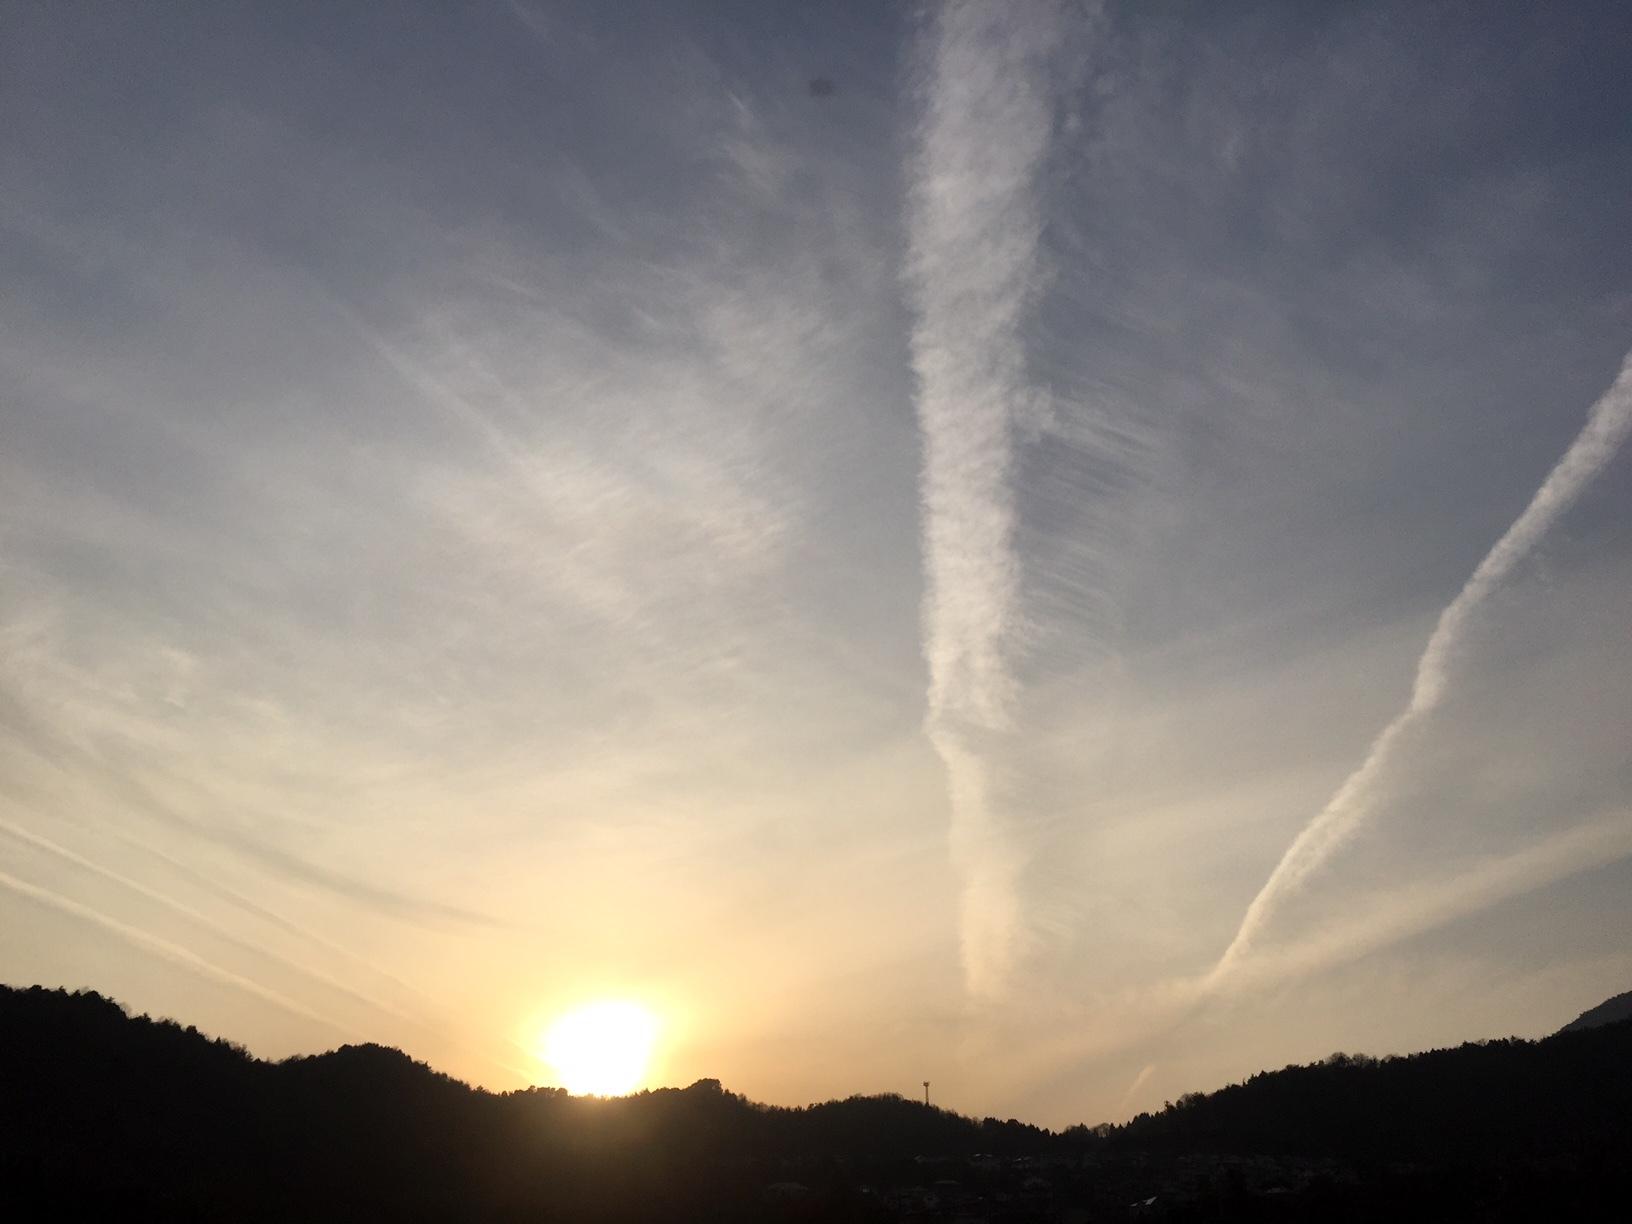 飛行機雲が幾筋にも_e0175370_19033733.jpg